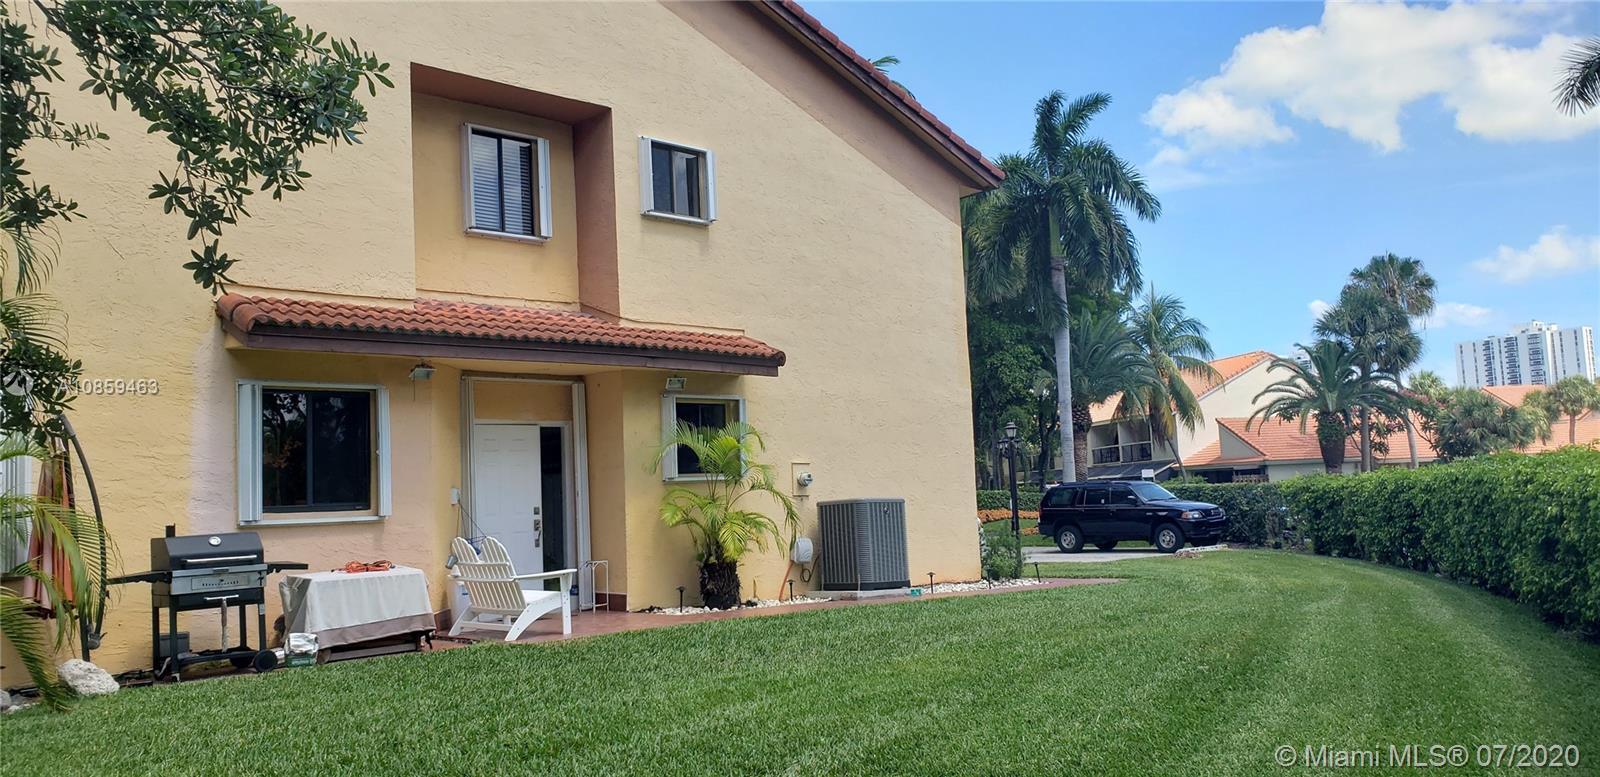 21375  Marina Cove Cir #11-A For Sale A10859463, FL